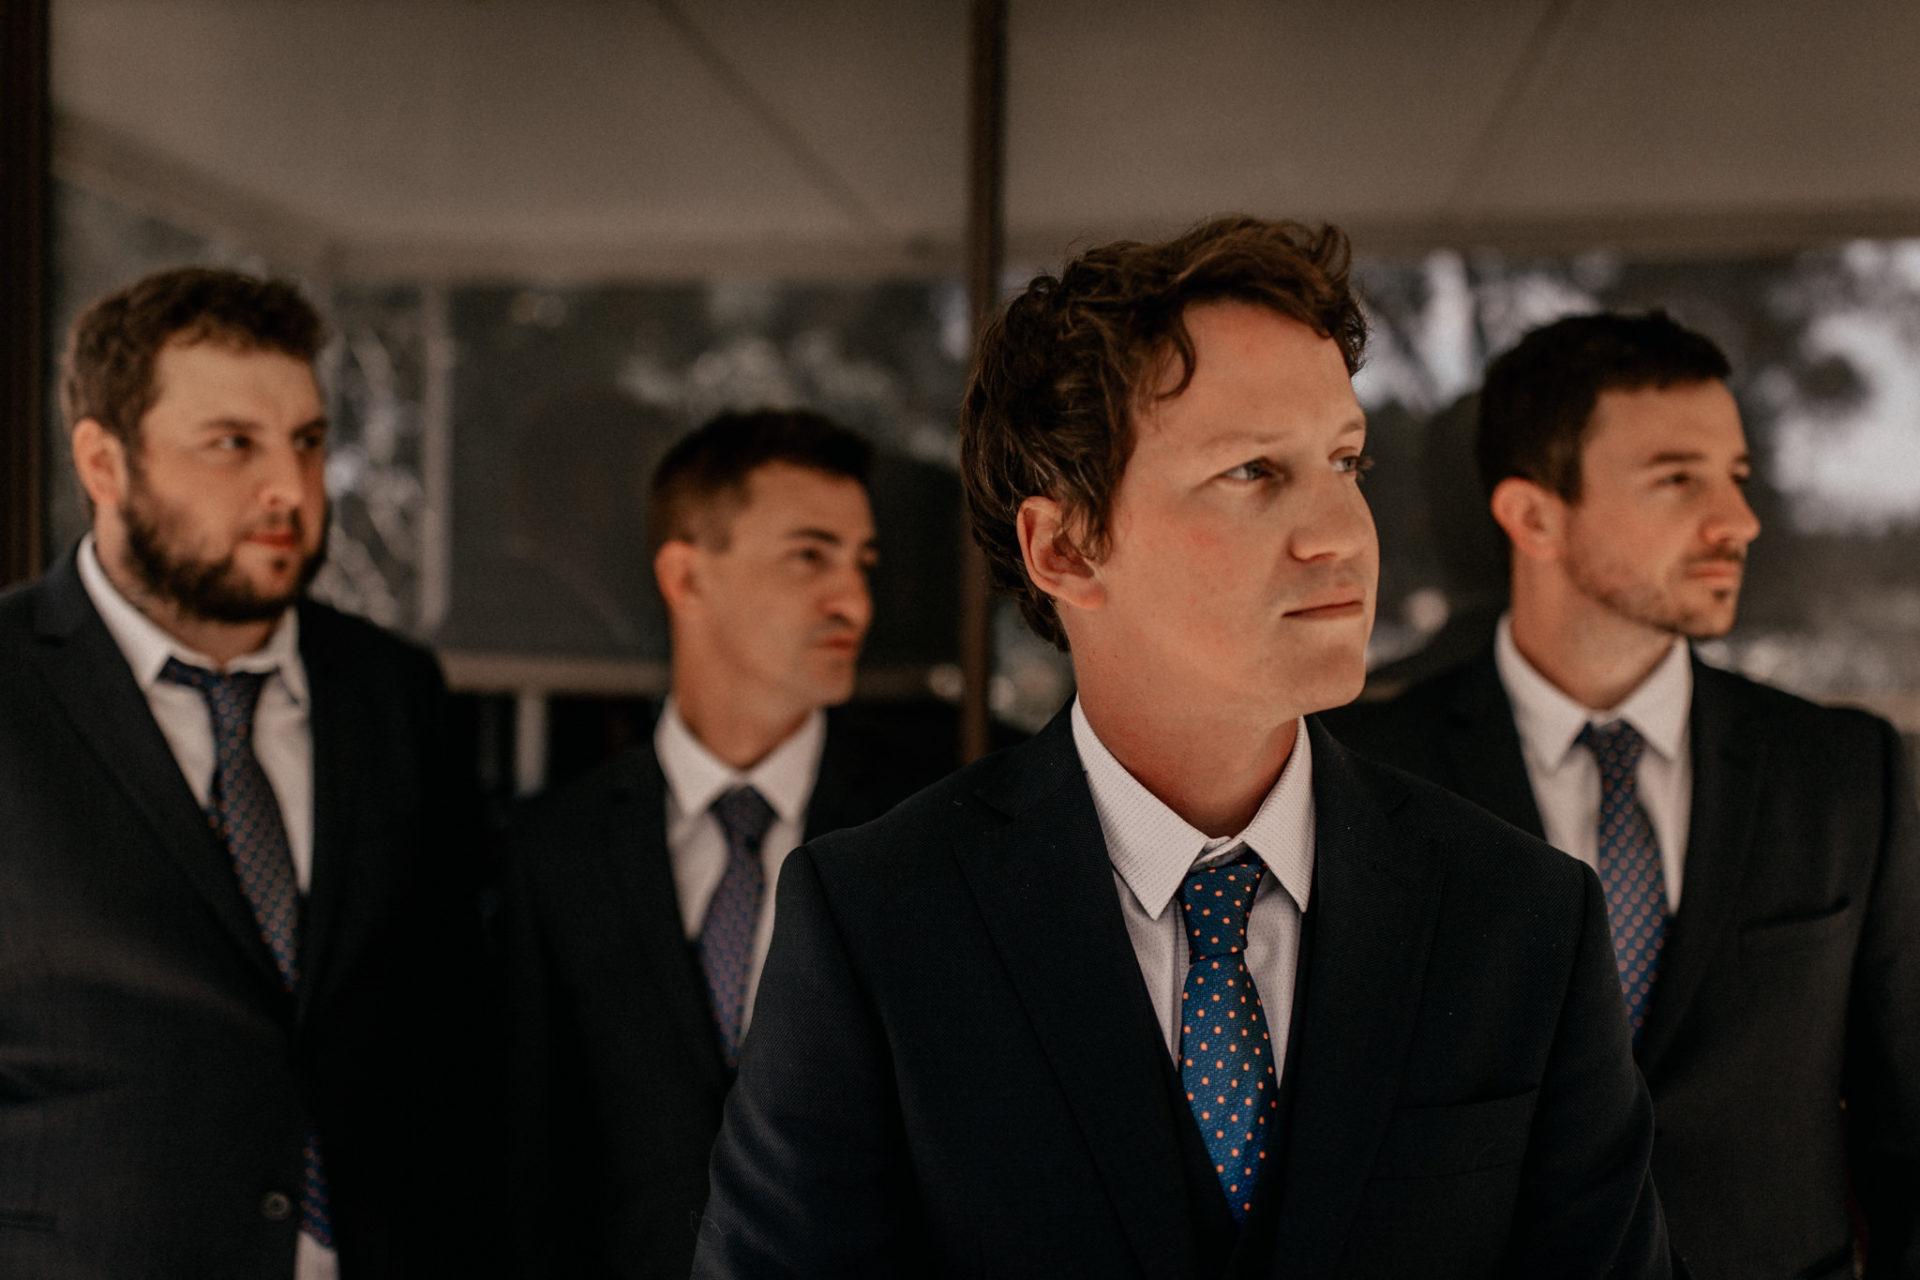 Campinghochzeit-australien-Mooropna Wedding Photographer-Brautigam Trauzeugen Portraits-Hochzeitsanzug-Krawatte gepunktet